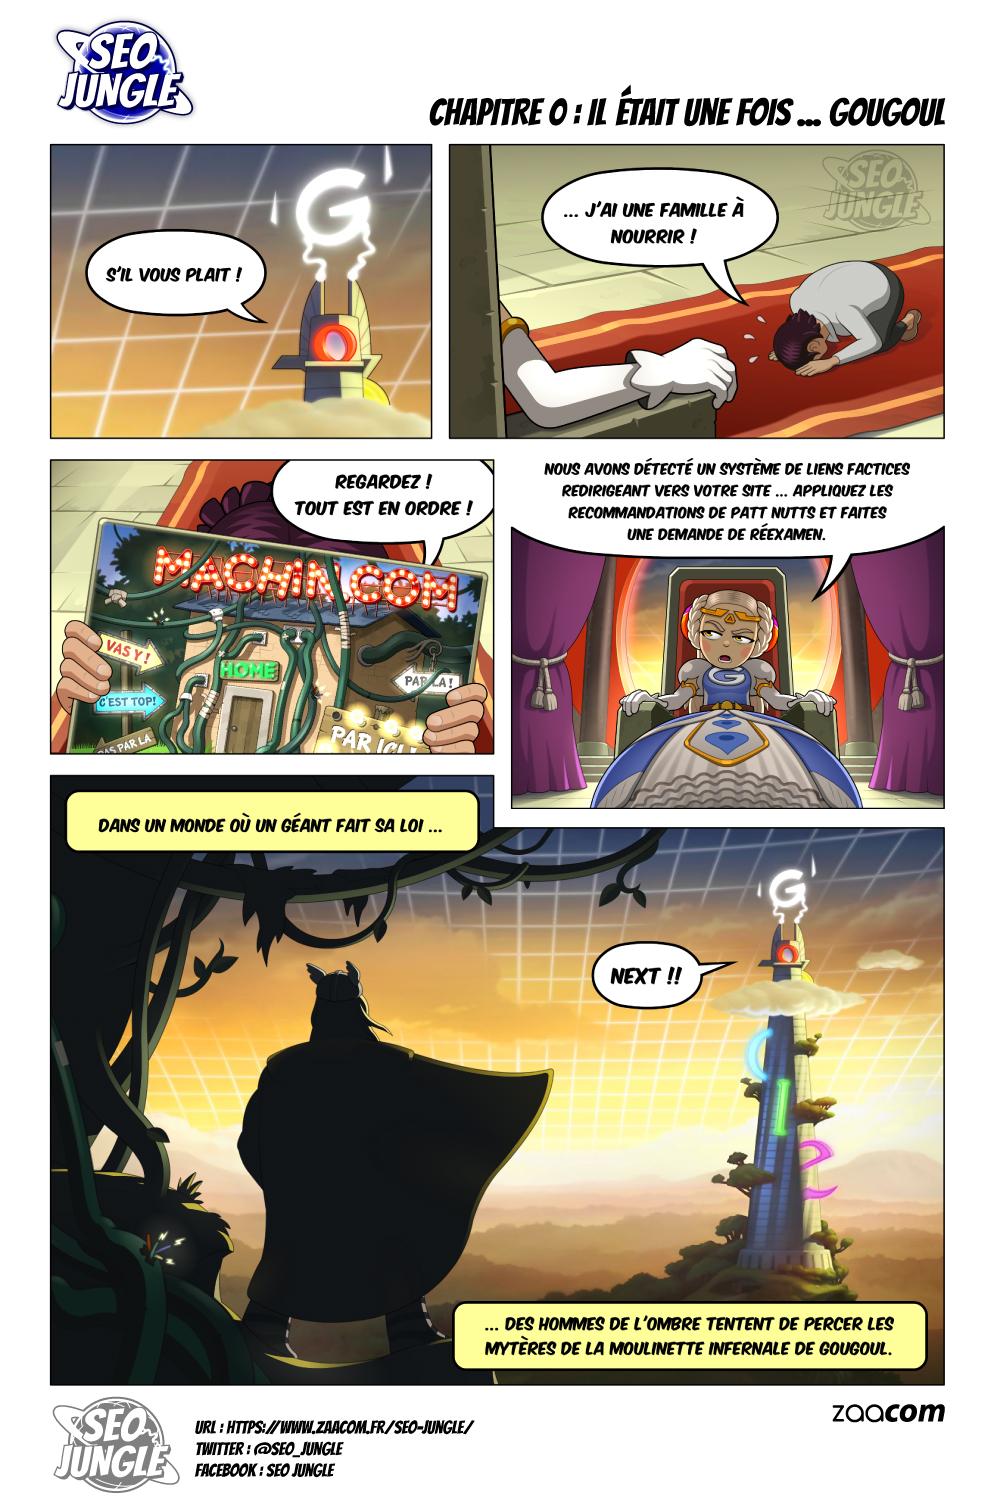 SEO Jungle : La BD qui parle du référencement web avec humour